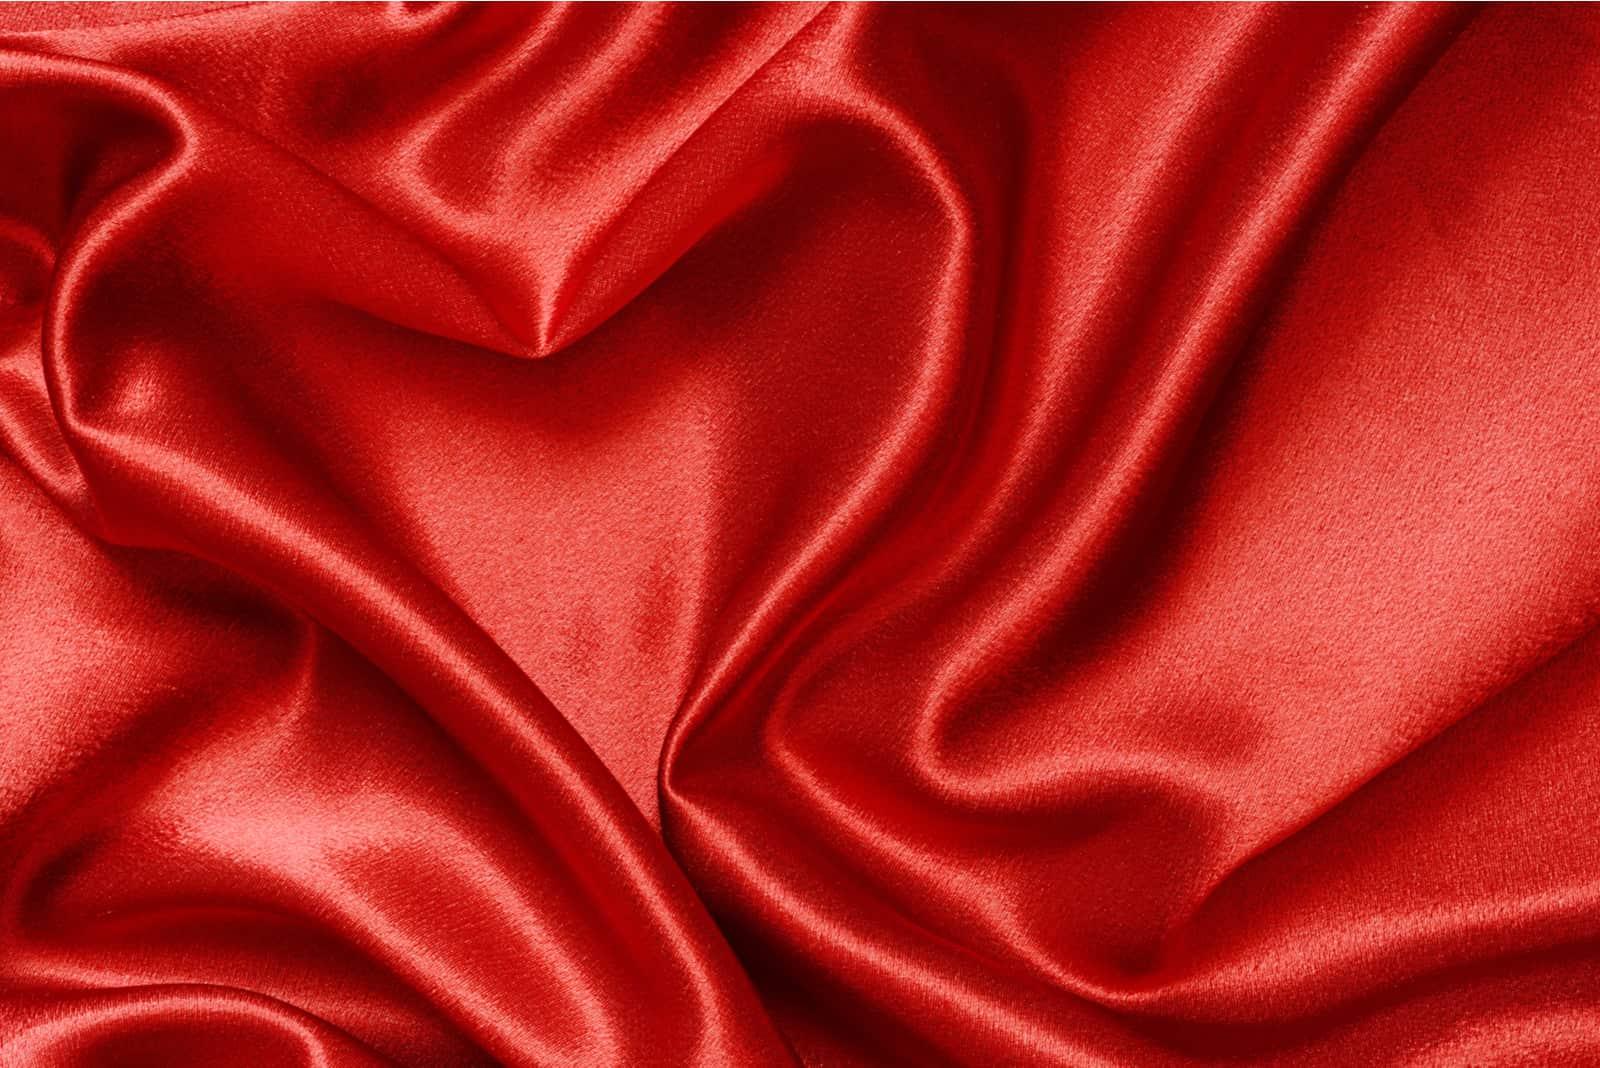 Roter Satin in Form eines Herzens